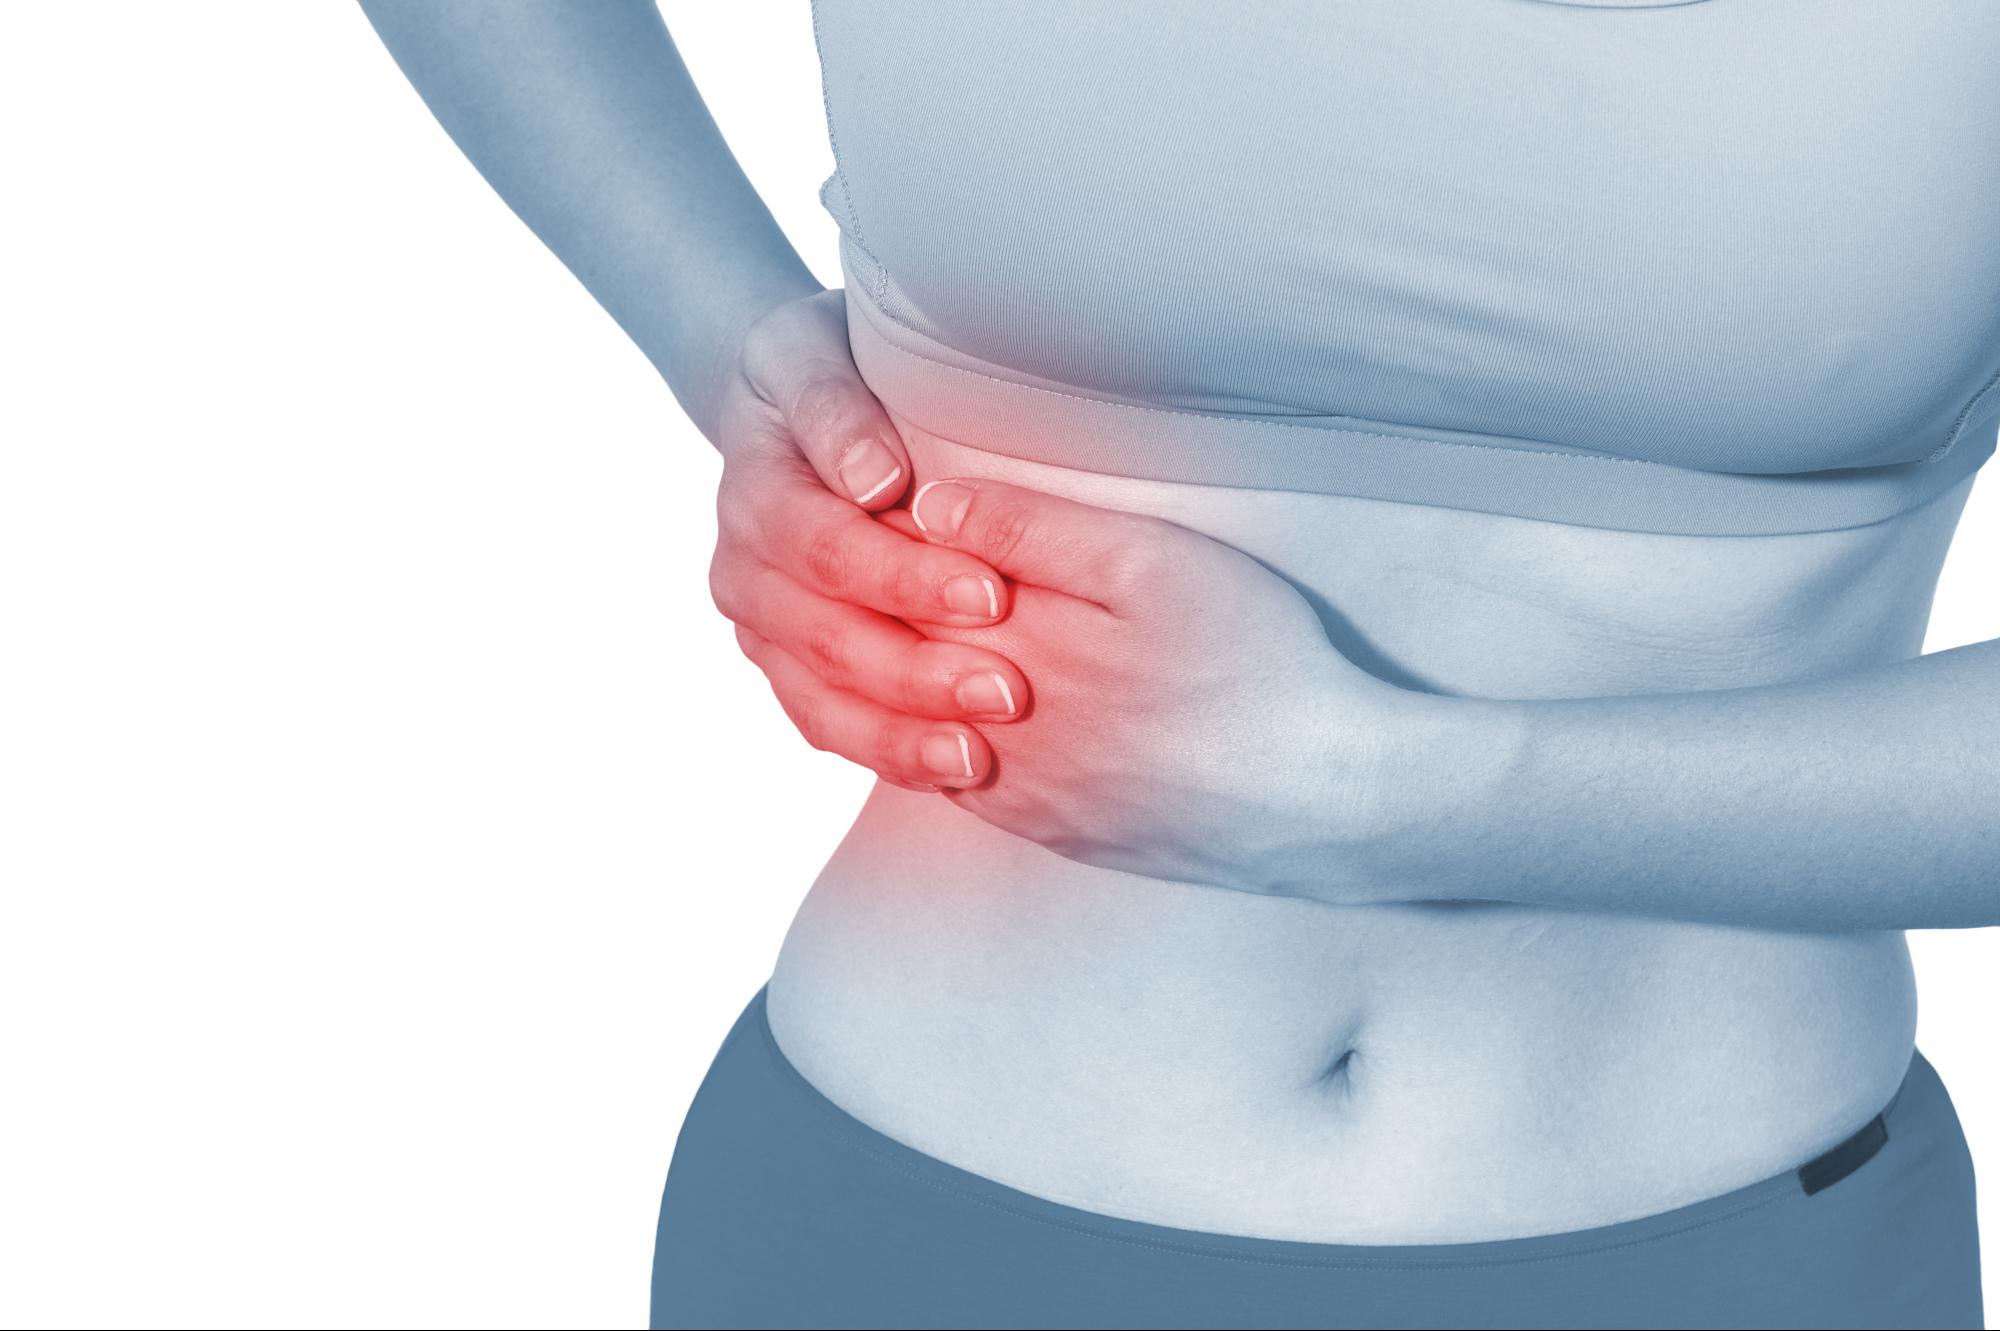 желчного - Симптомы, причины и лечение перегиба желчного пузыря